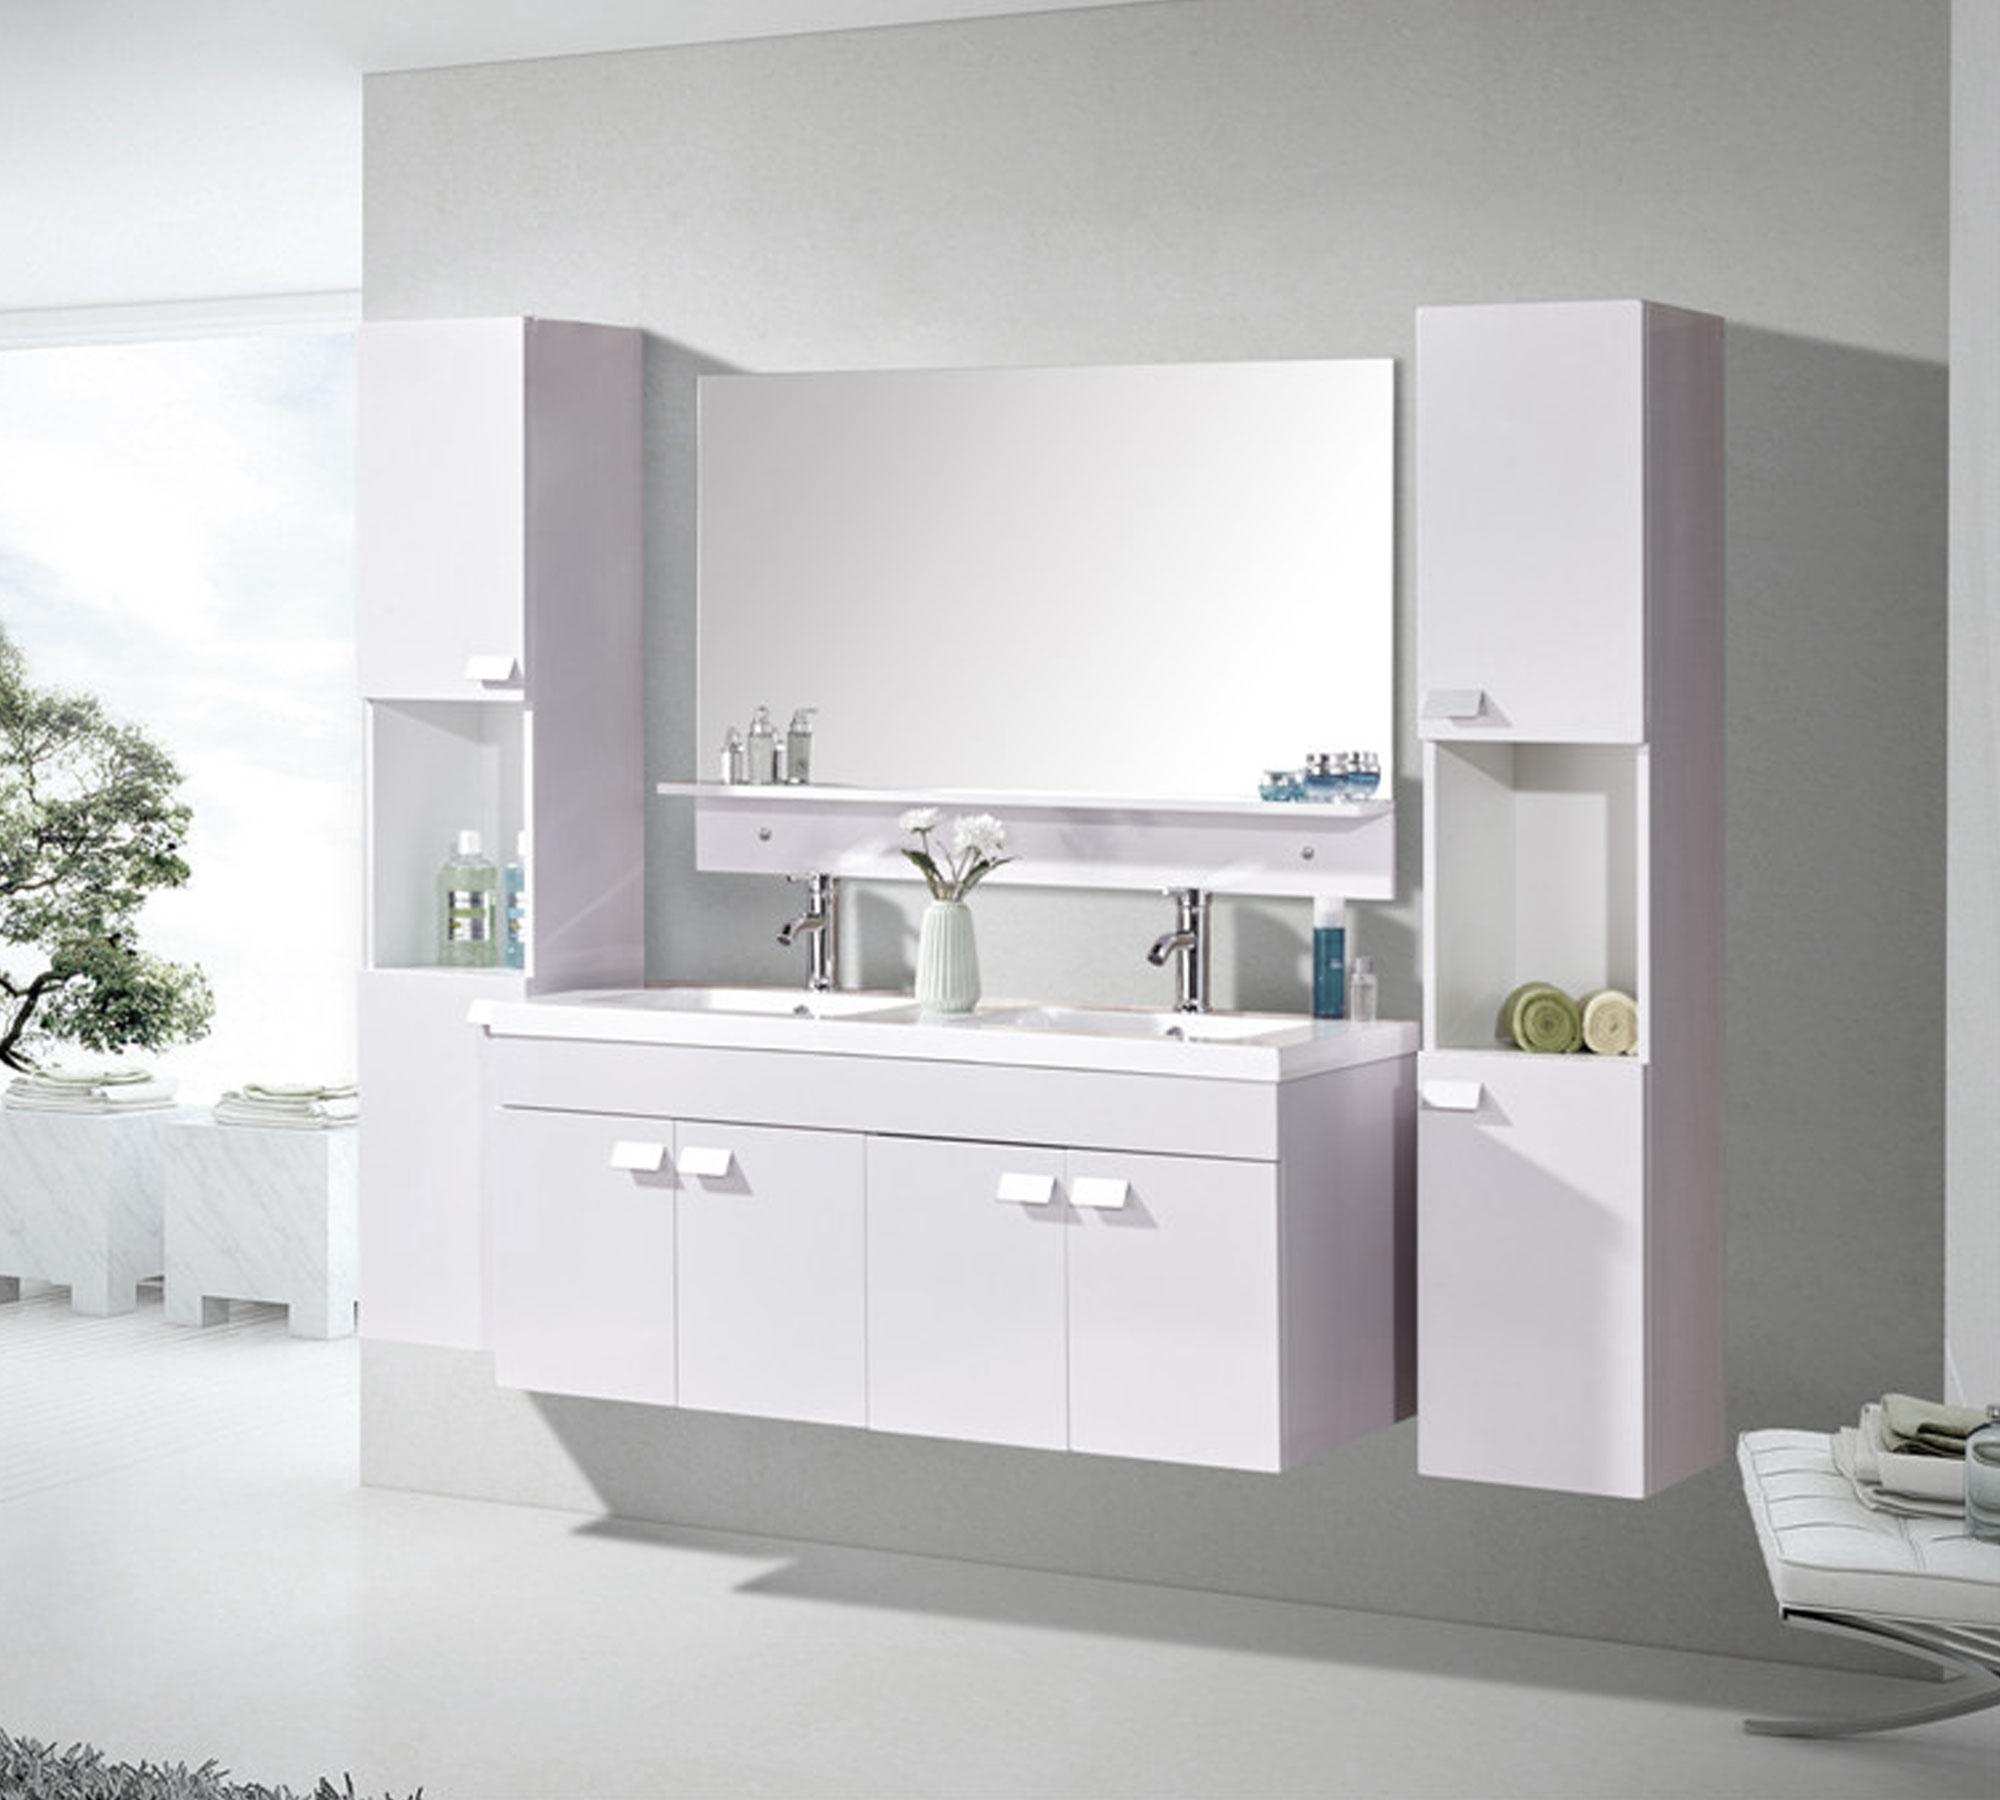 Mobile bagno arredo bagno 120 cm doppia colonna e lavabo - Mobili del bagno ...